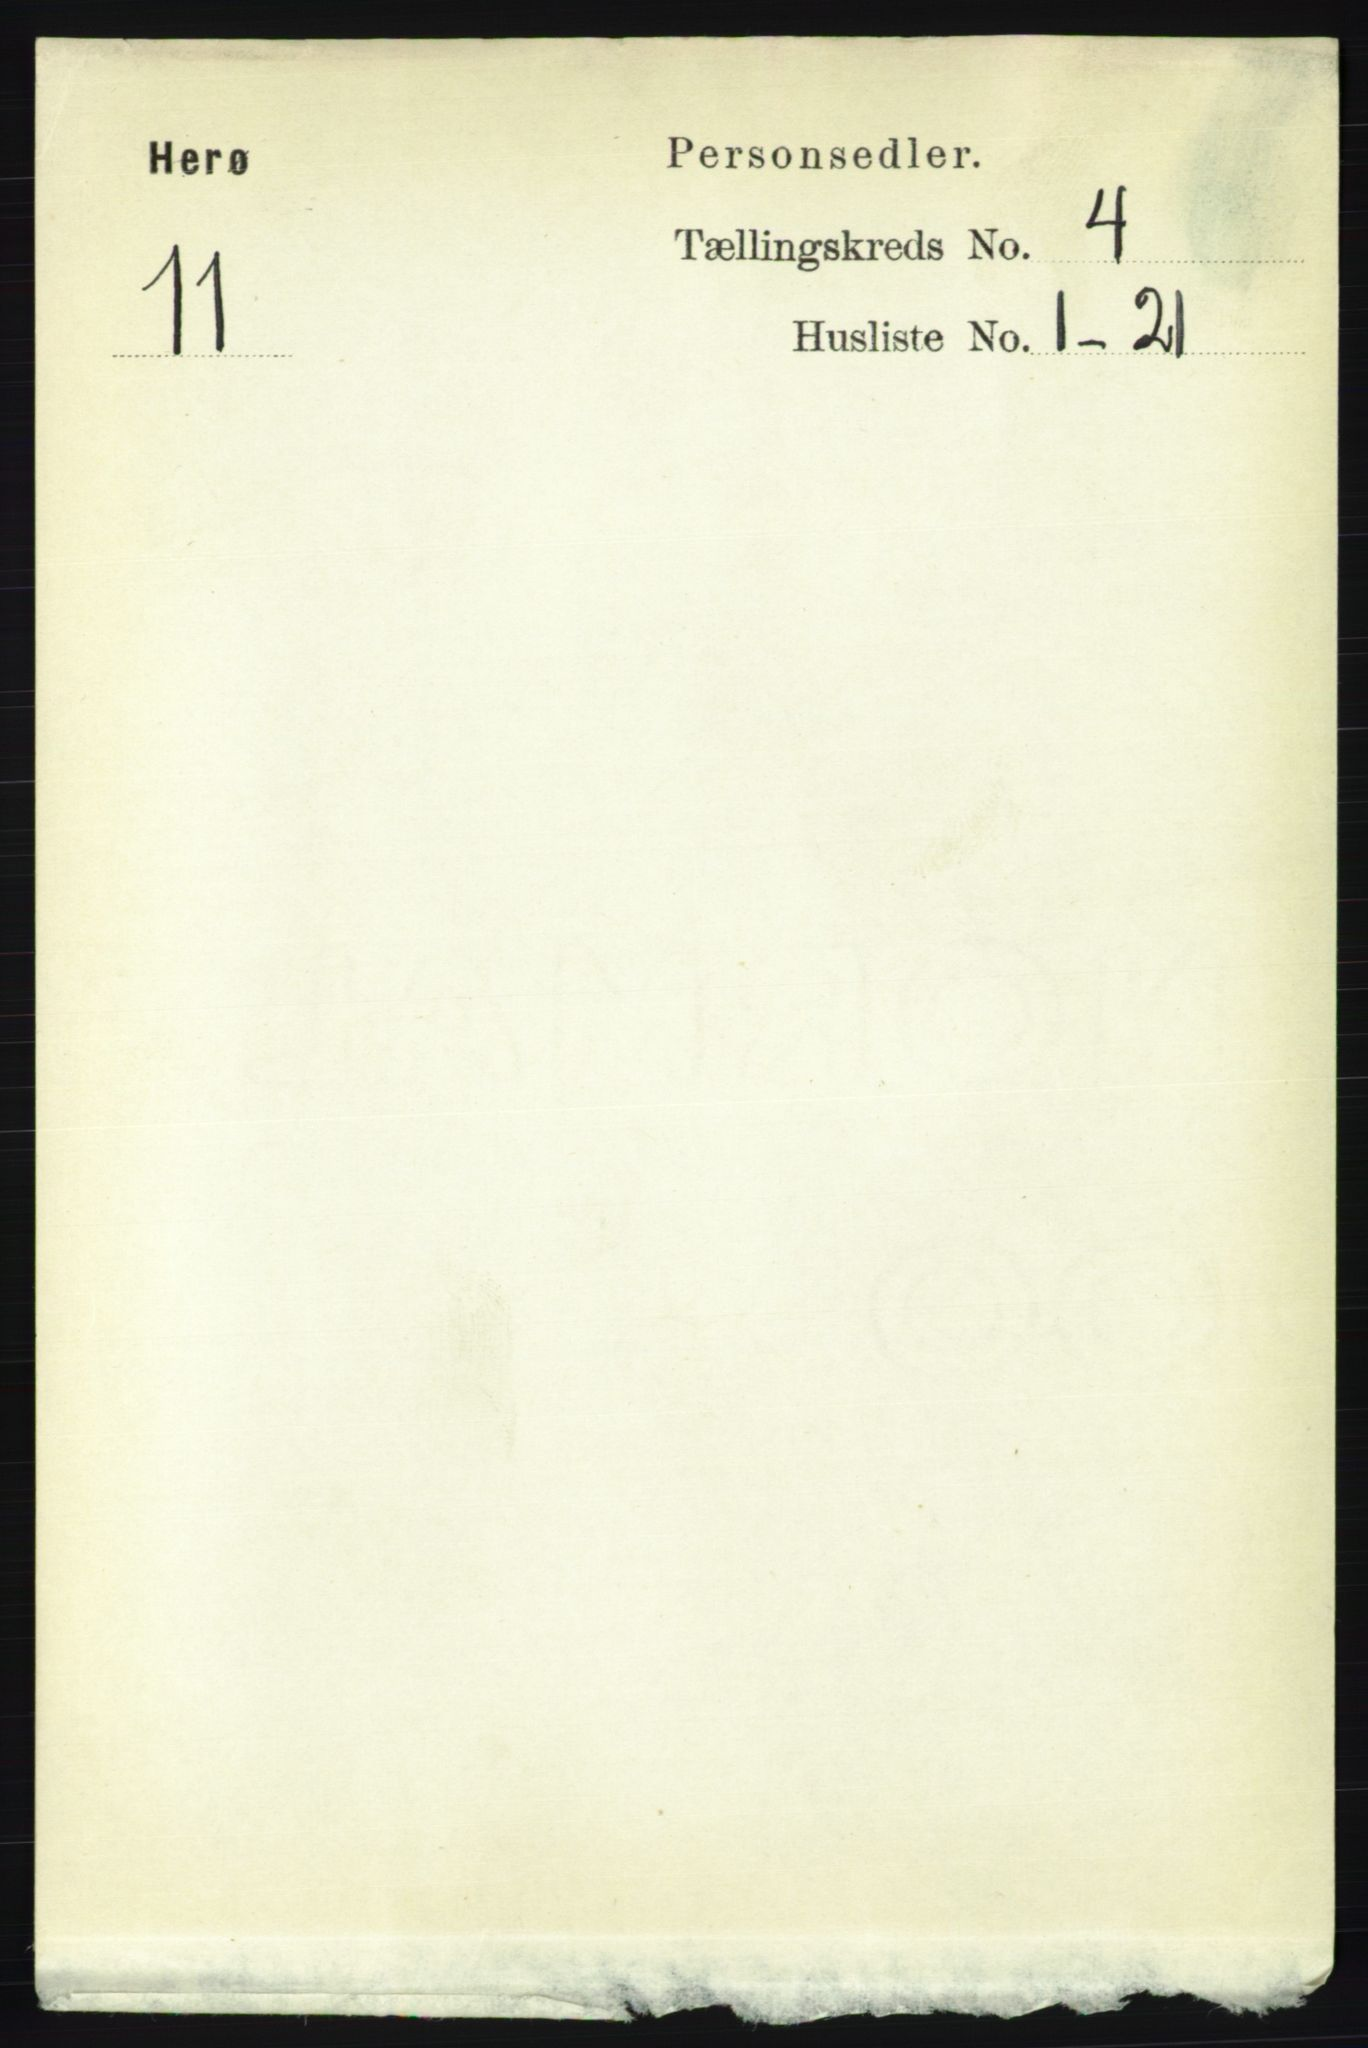 RA, Folketelling 1891 for 1818 Herøy herred, 1891, s. 921